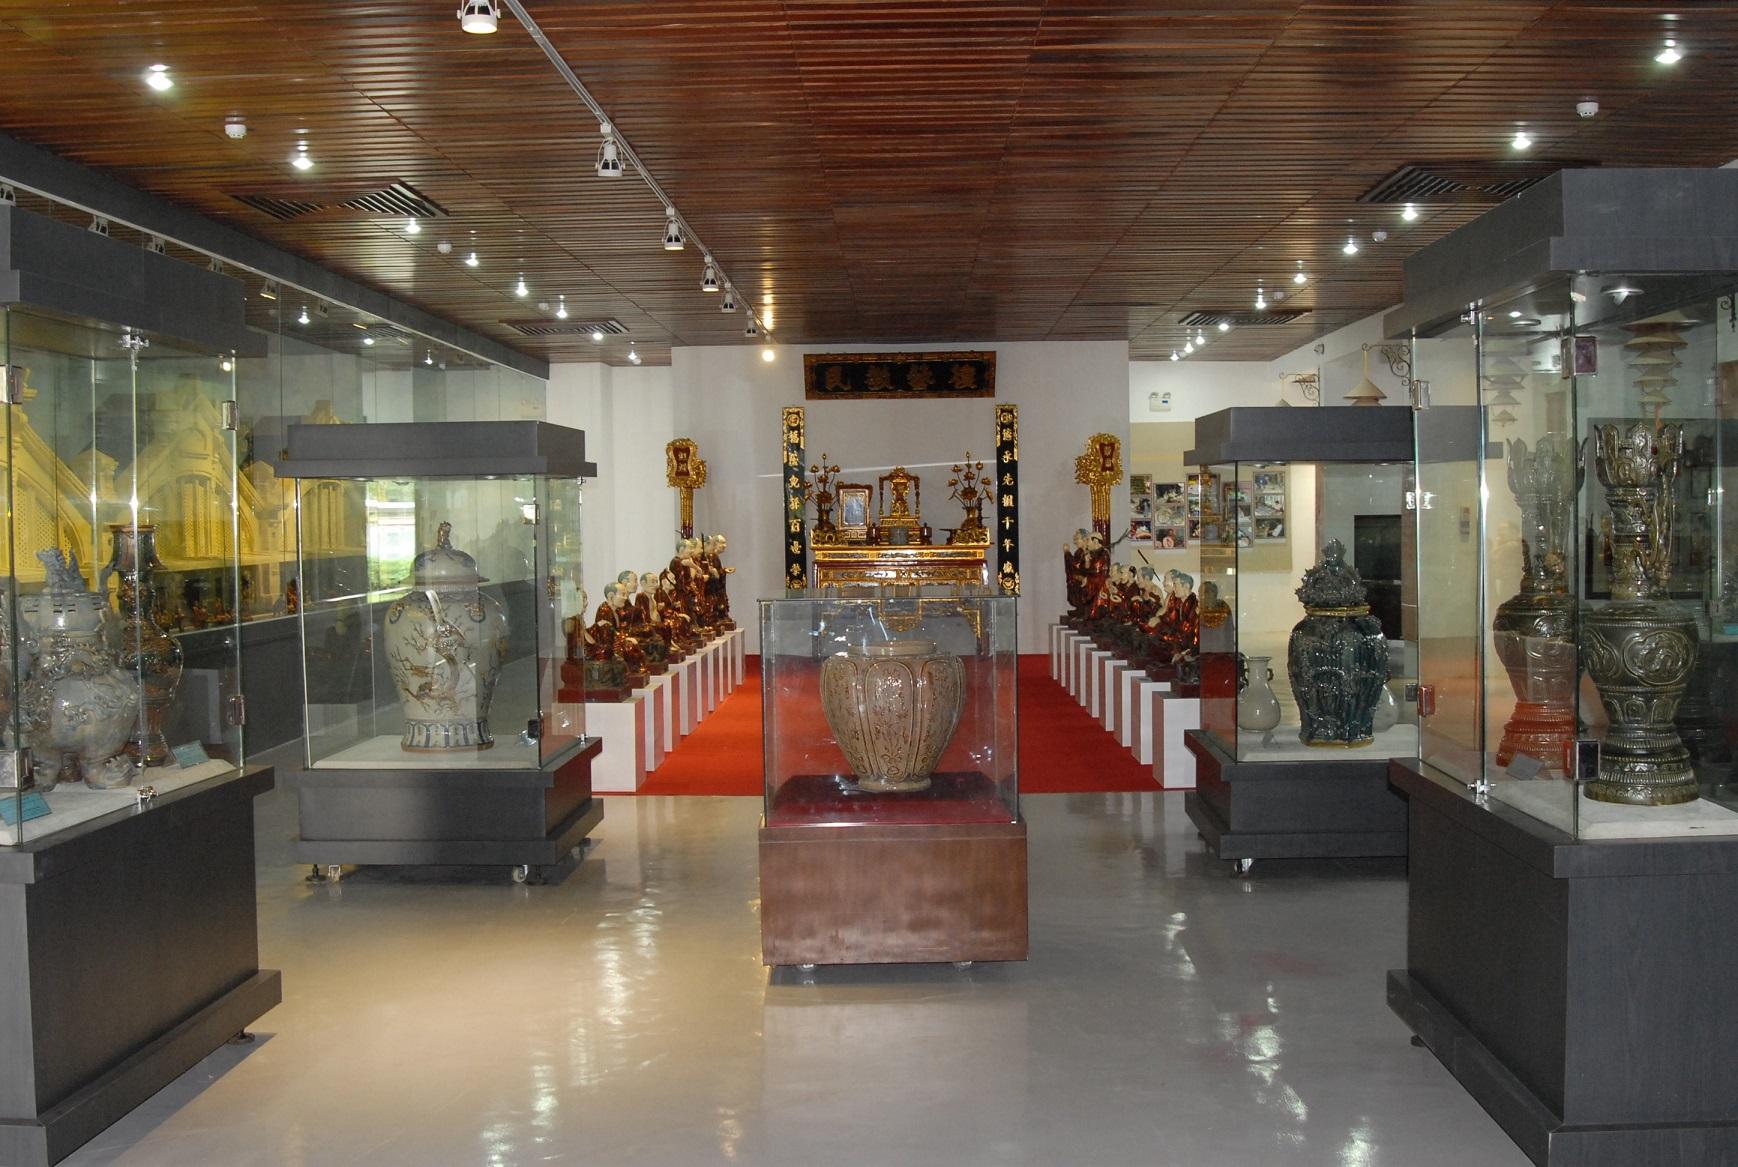 Bên trong bảo tàng lưu giữ những hiện vật cổ xưa như trống đồng, tiền đồng, các bình gốm sứ cổ, ngà voi, tượng rồng, tượng rùa đá,.. Hình: Sưu tầm